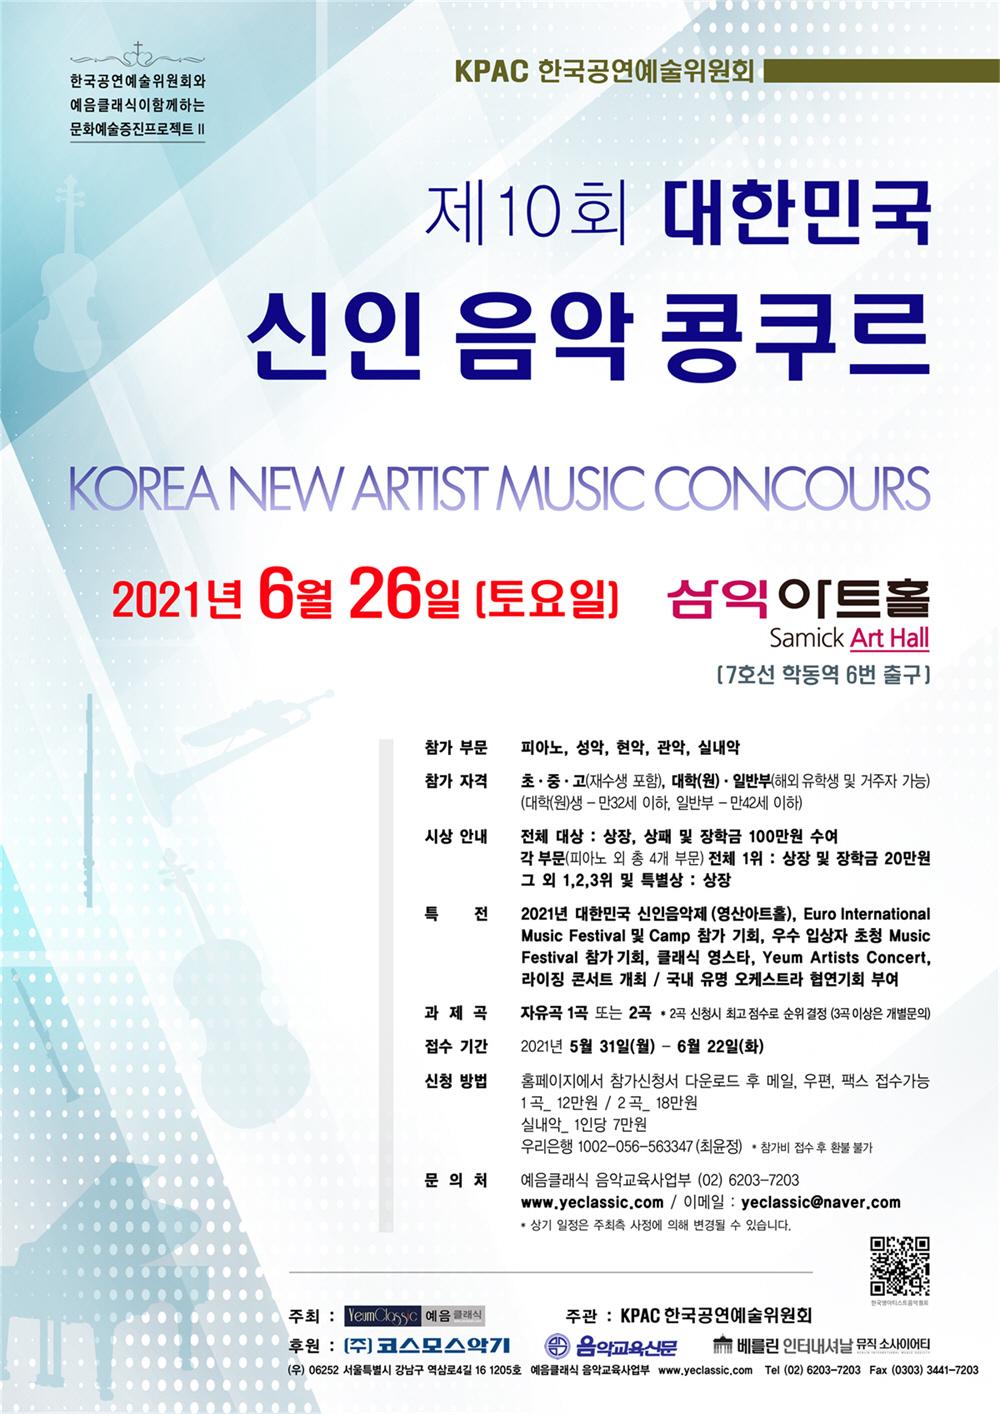 10회 대한민국 신인 음악콩쿠르 1000.jpg